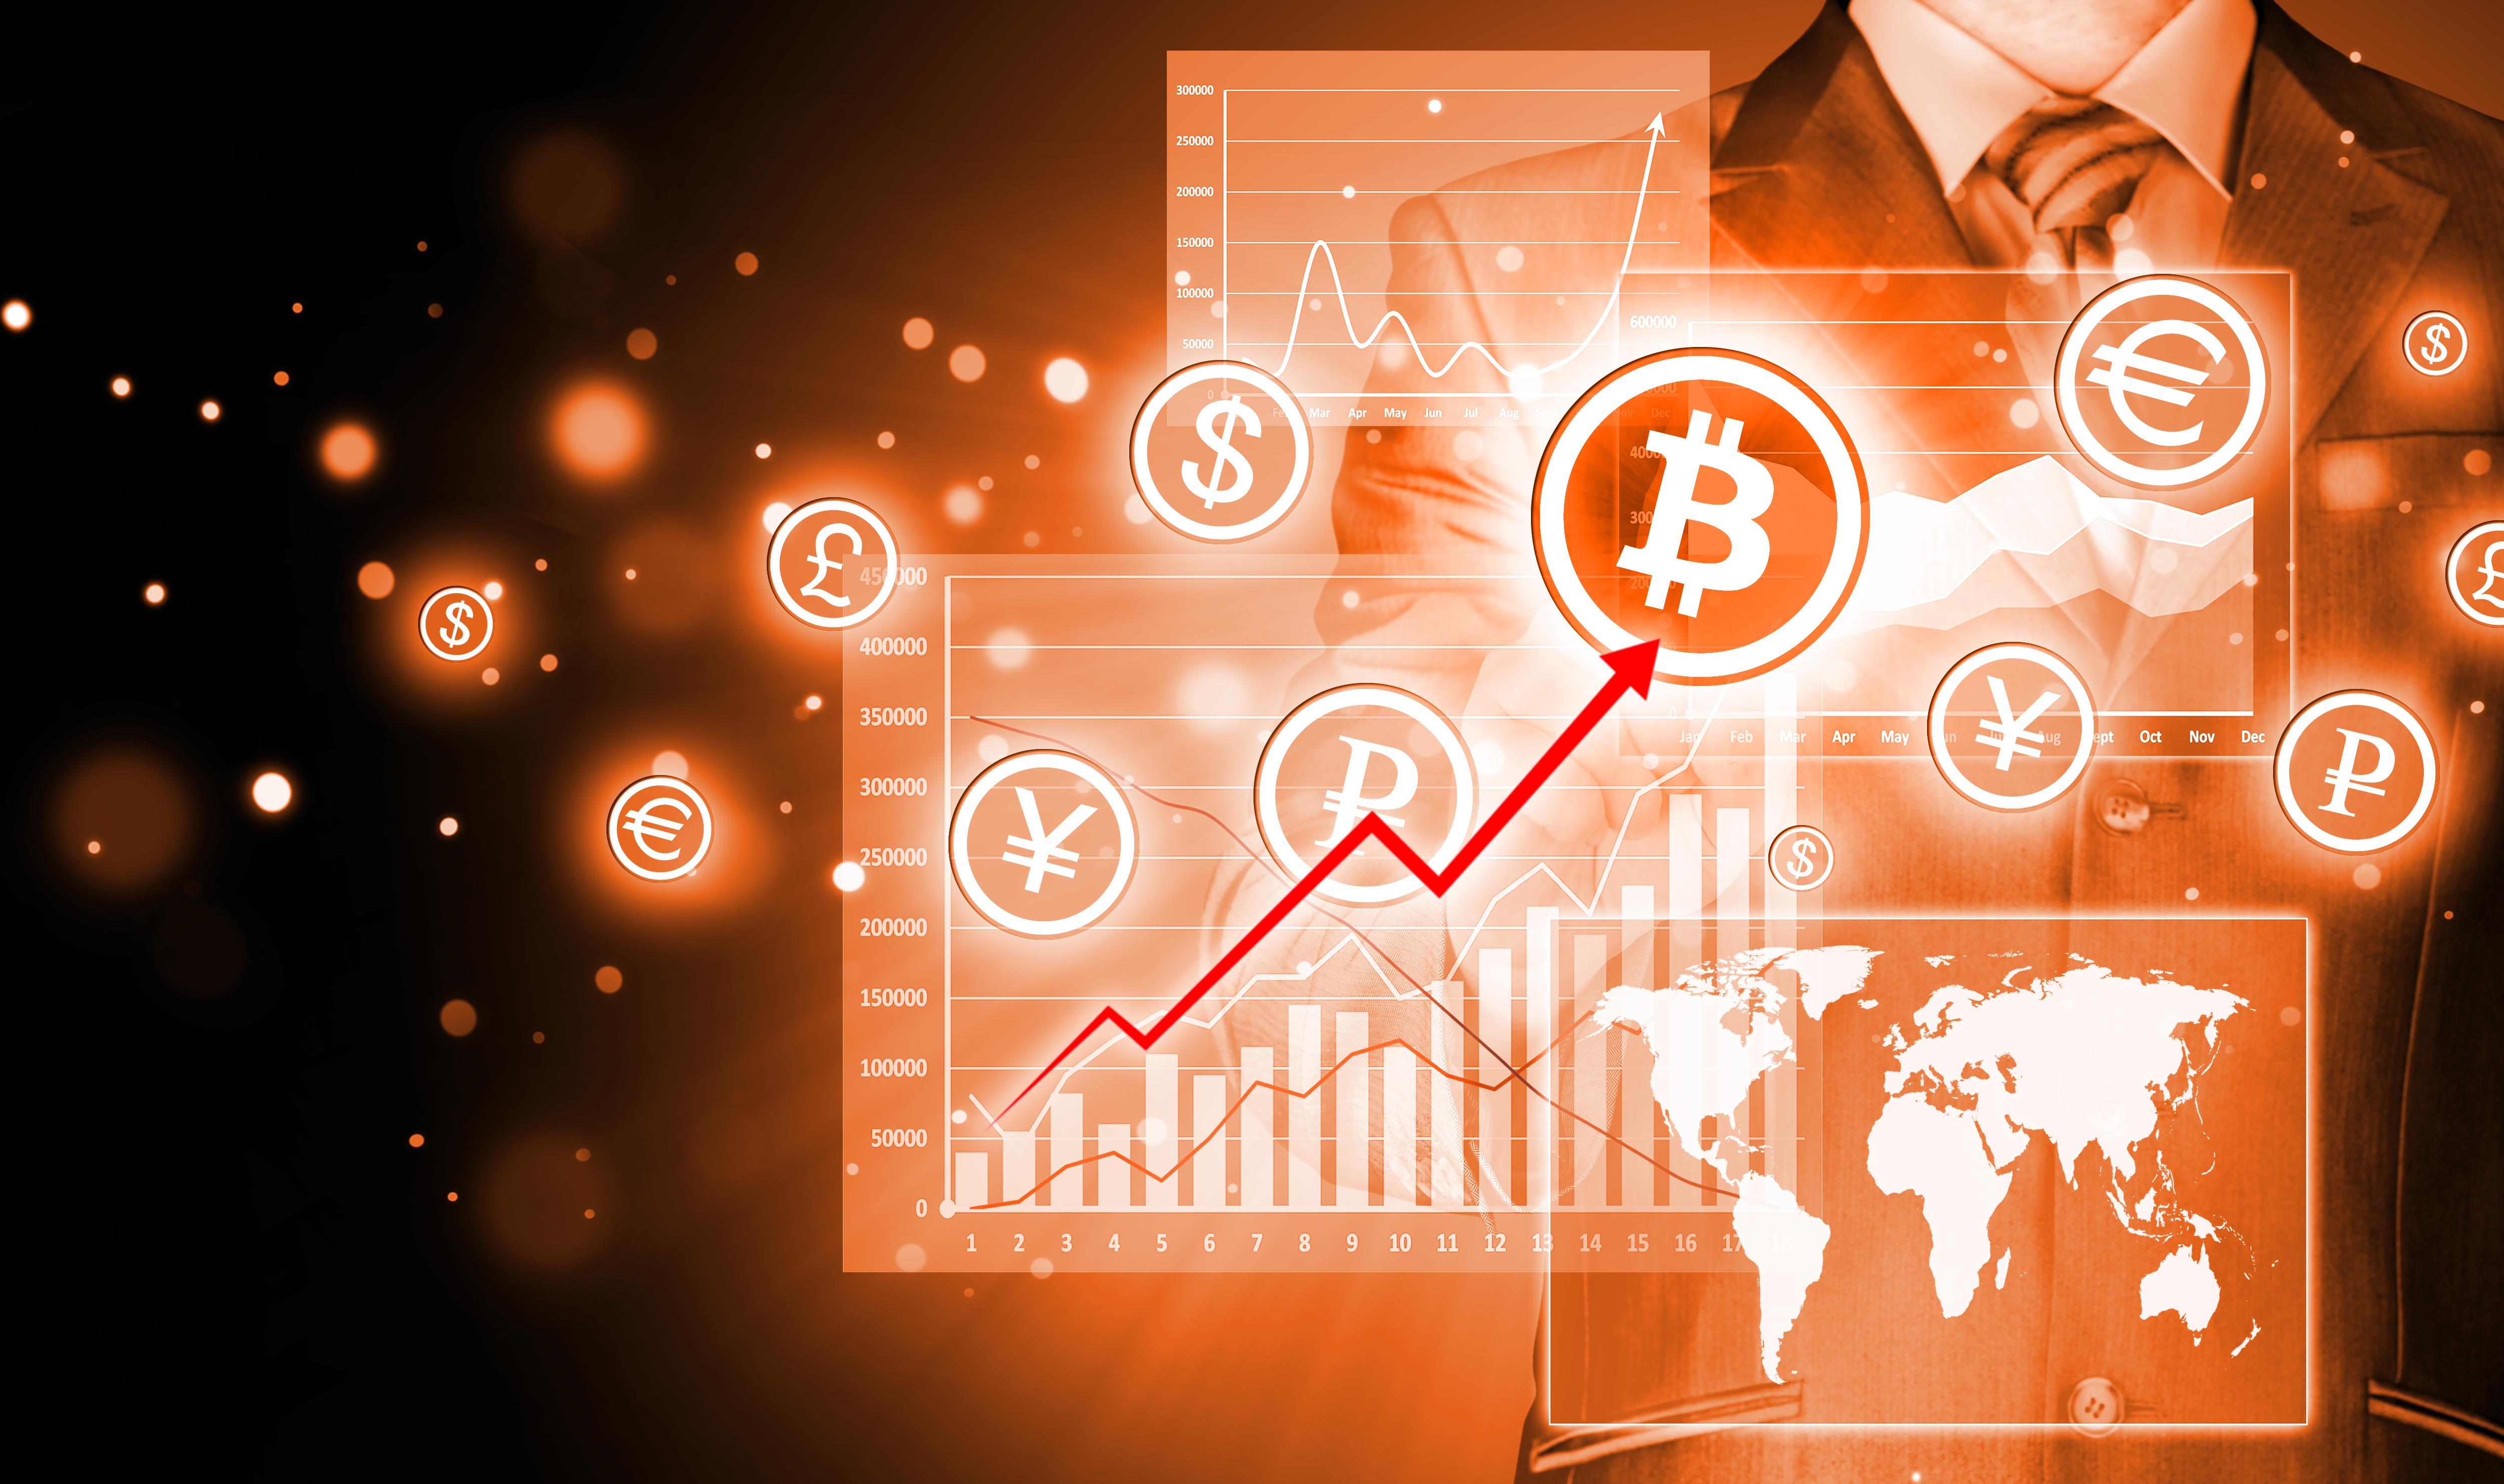 معامله بر روی پول های دیجیتالی